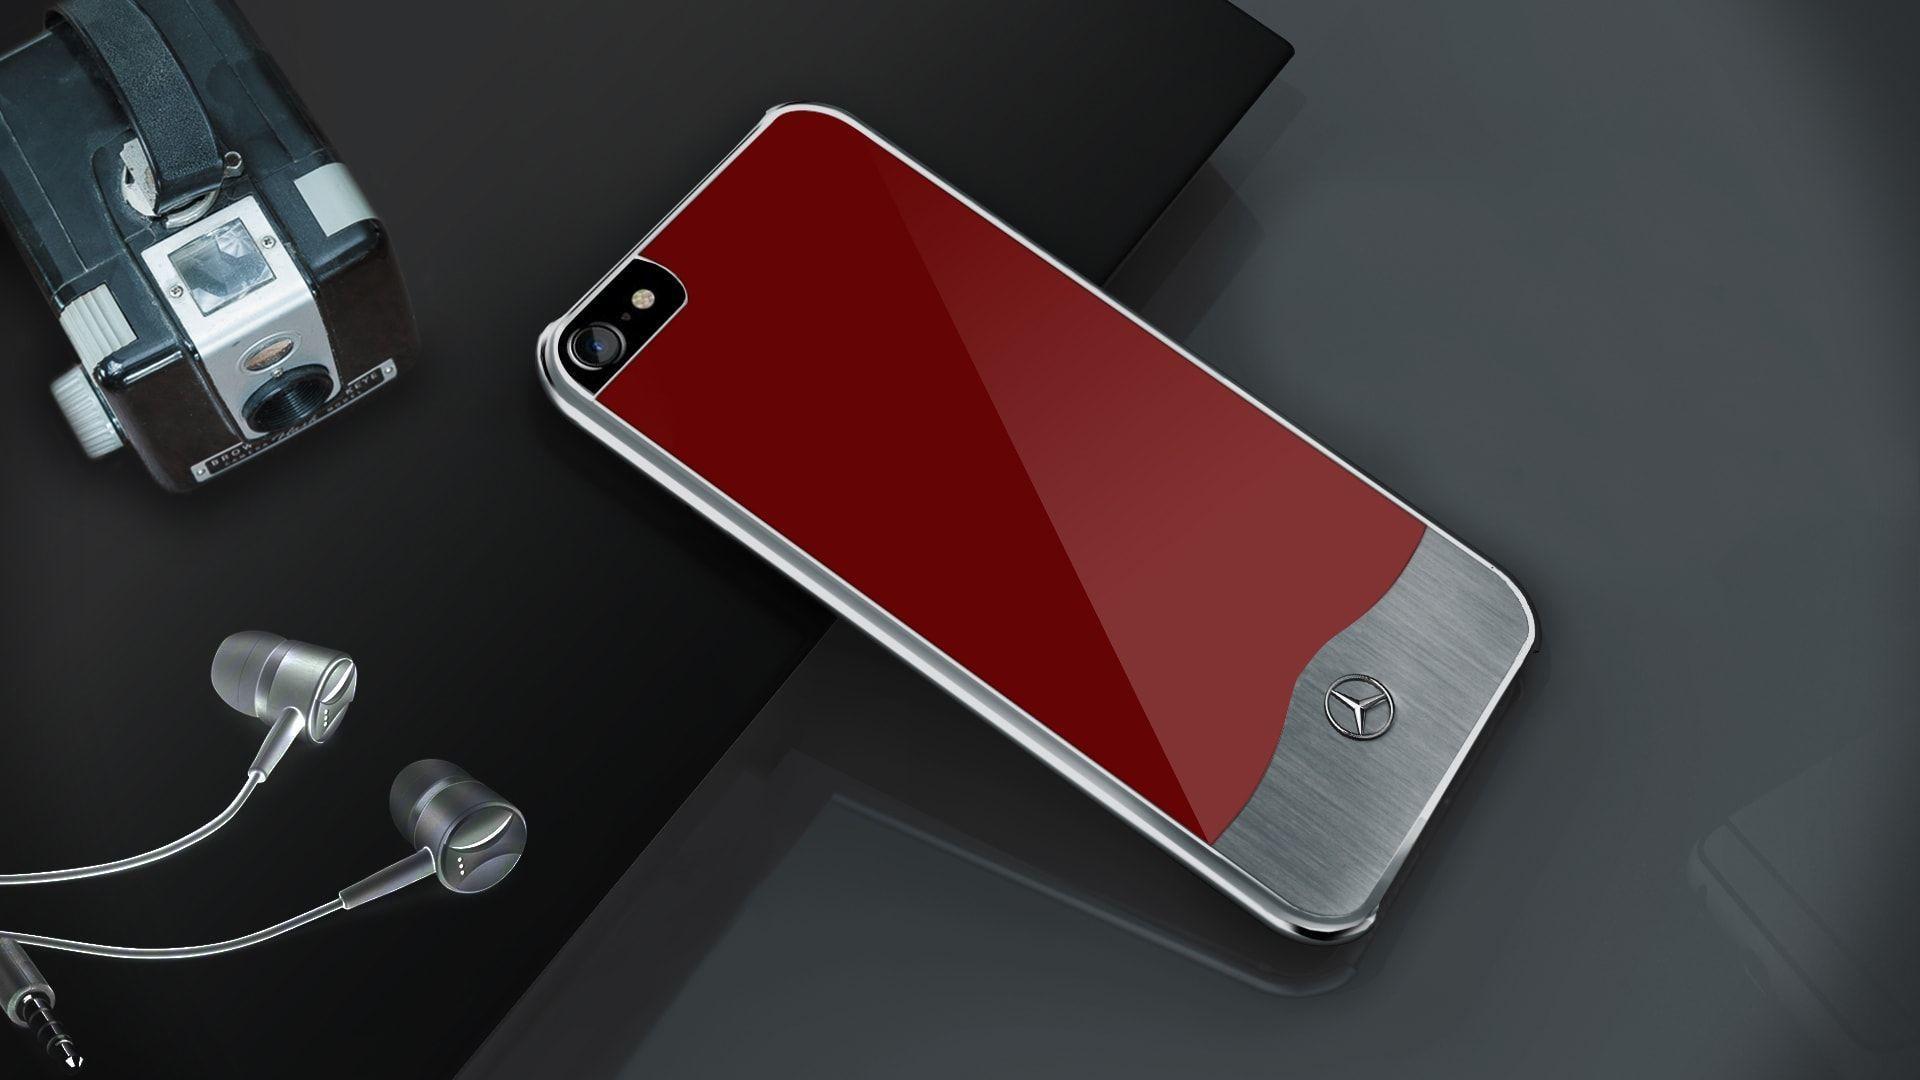 Mercedes Benz 174 Apple Iphone 7 Slr Mclaren Series